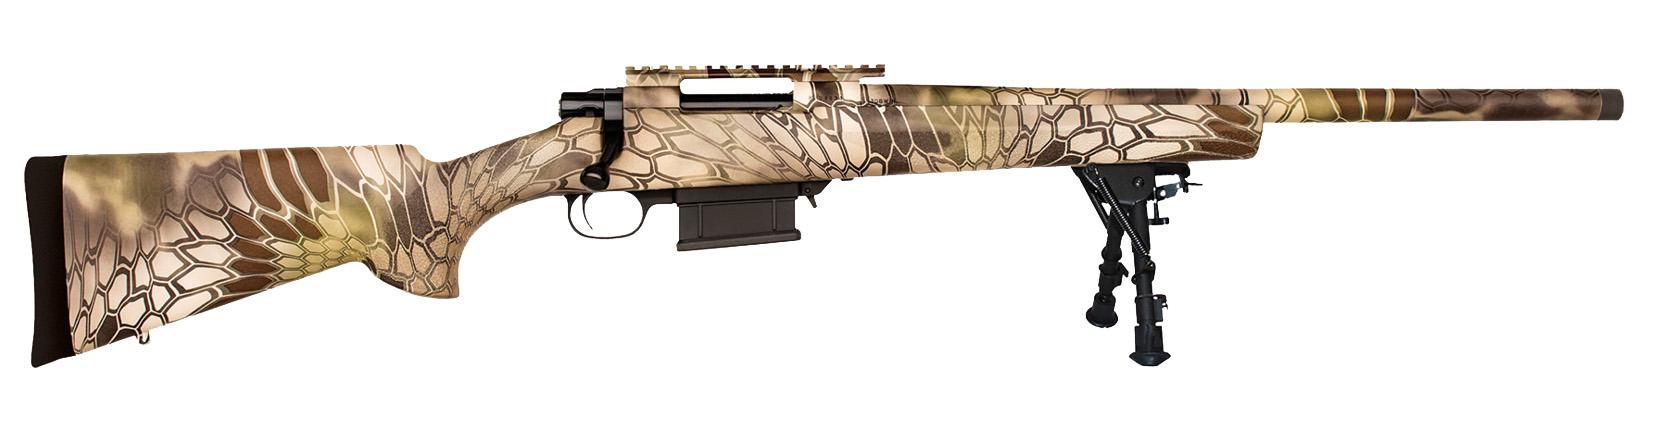 HOWA M1500 Full Dip 308 Win